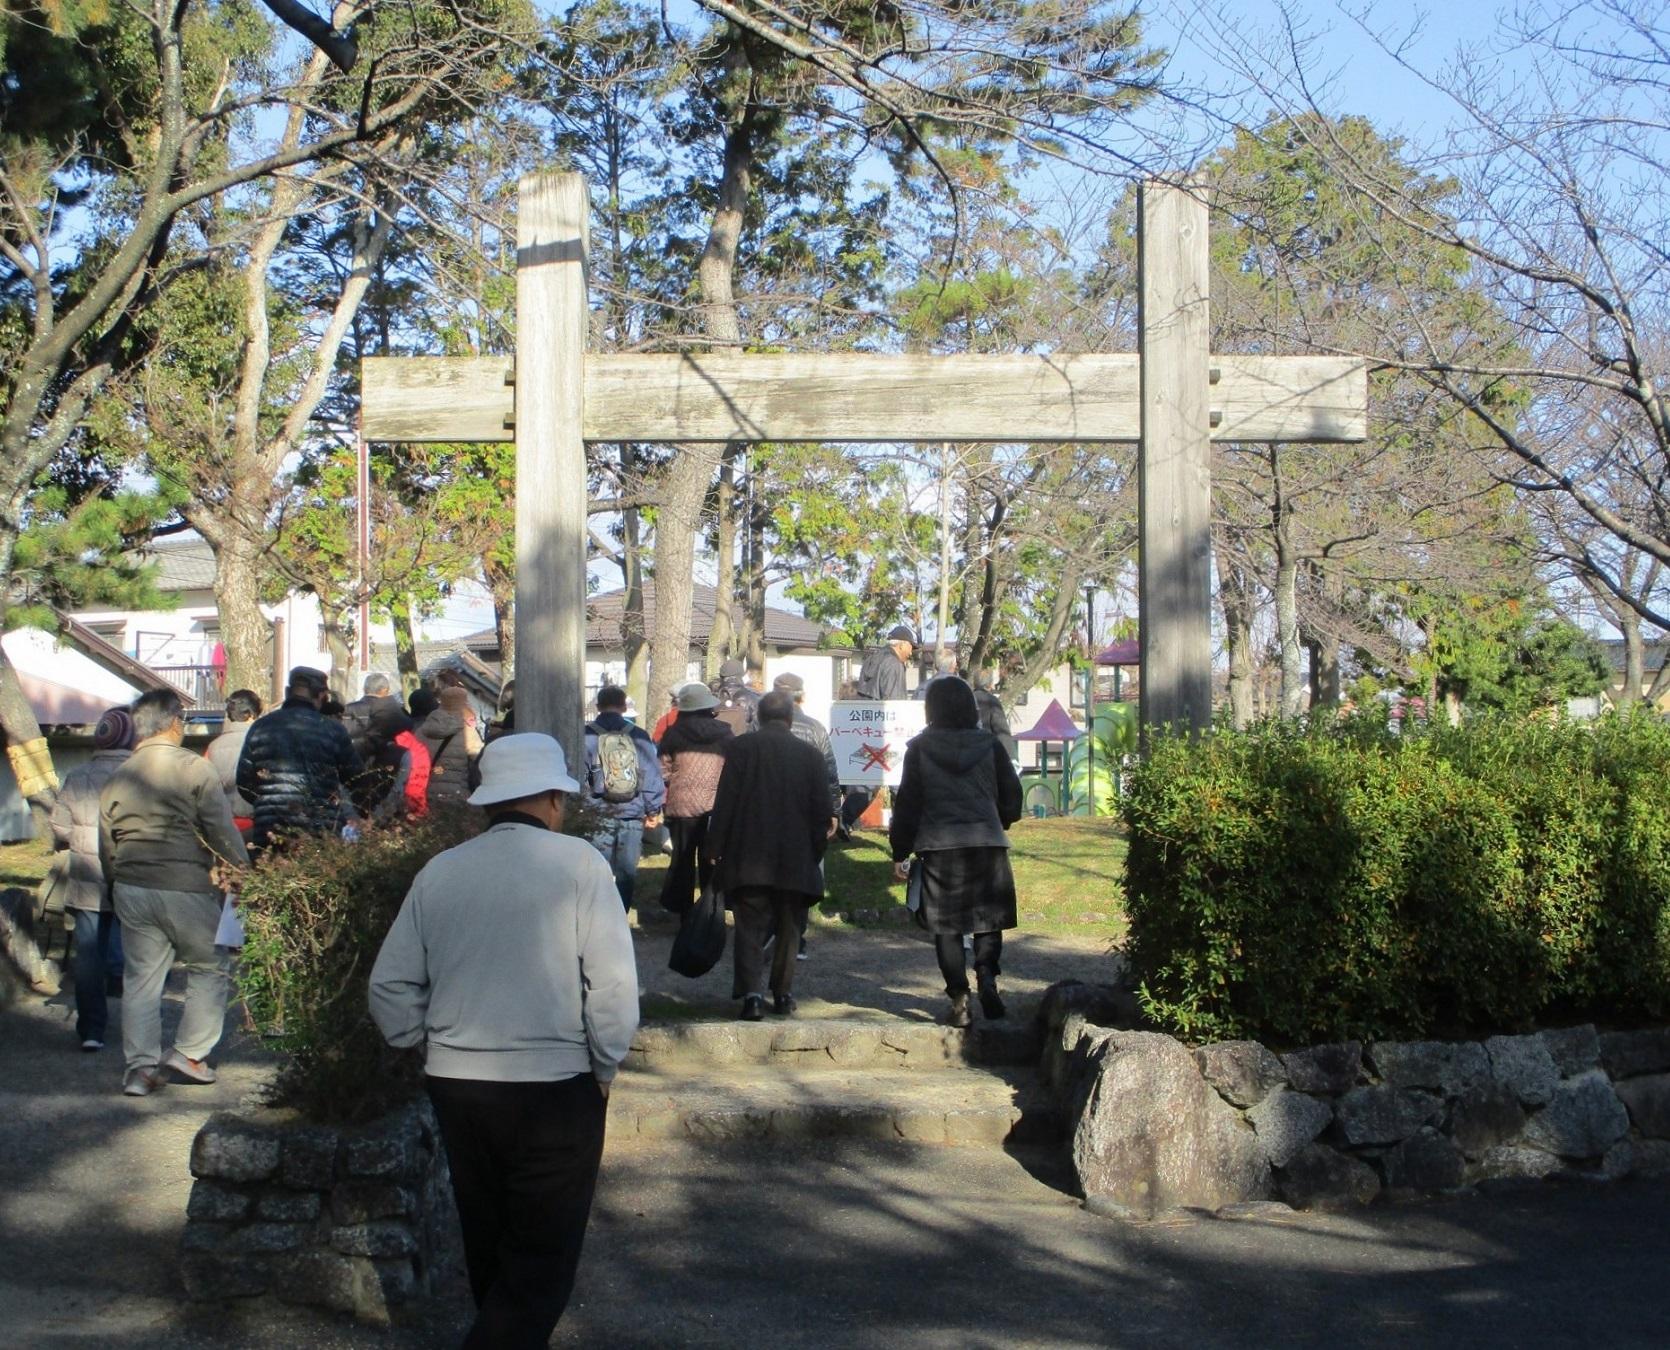 2019.12.20 (2) しろめぐりバスツアー - 桜井城あと 1670-1350